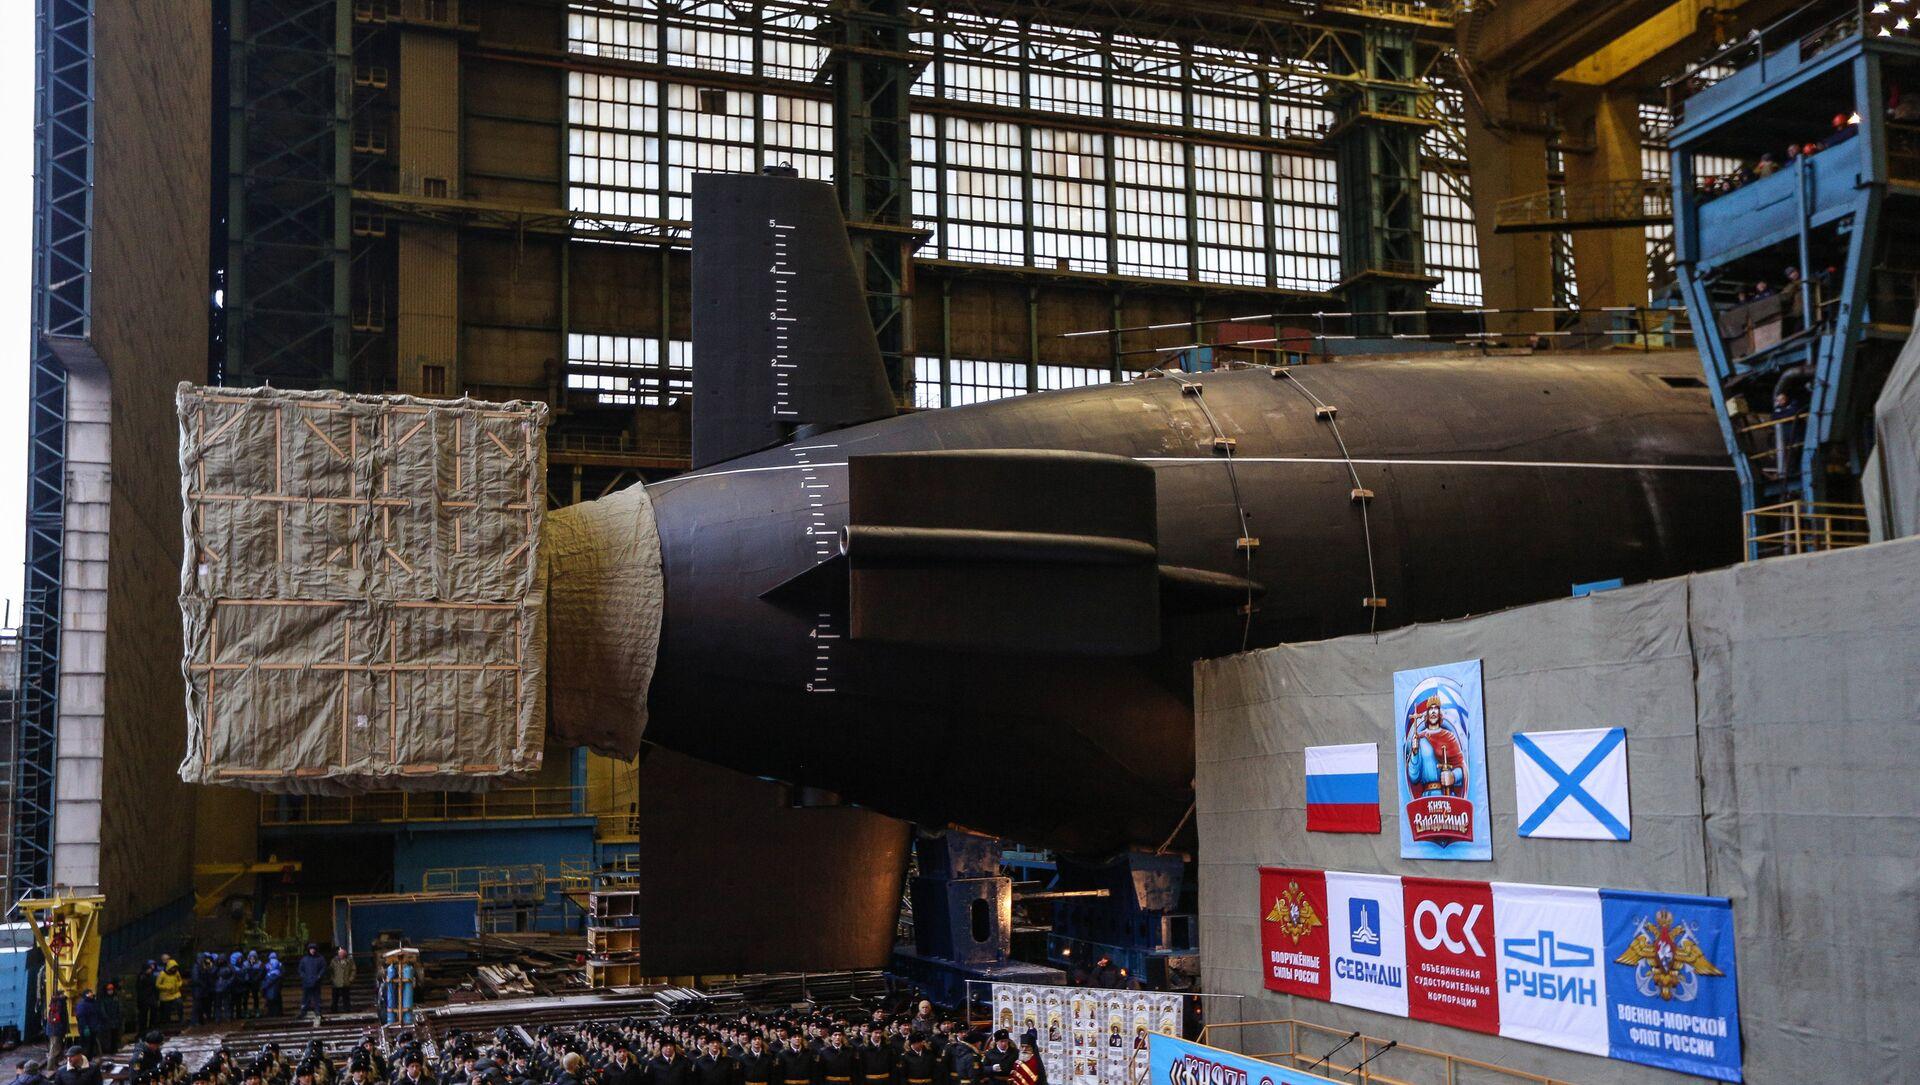 Botadura del submarino nuclear ruso Knyaz Vladimir - Sputnik Mundo, 1920, 21.05.2020